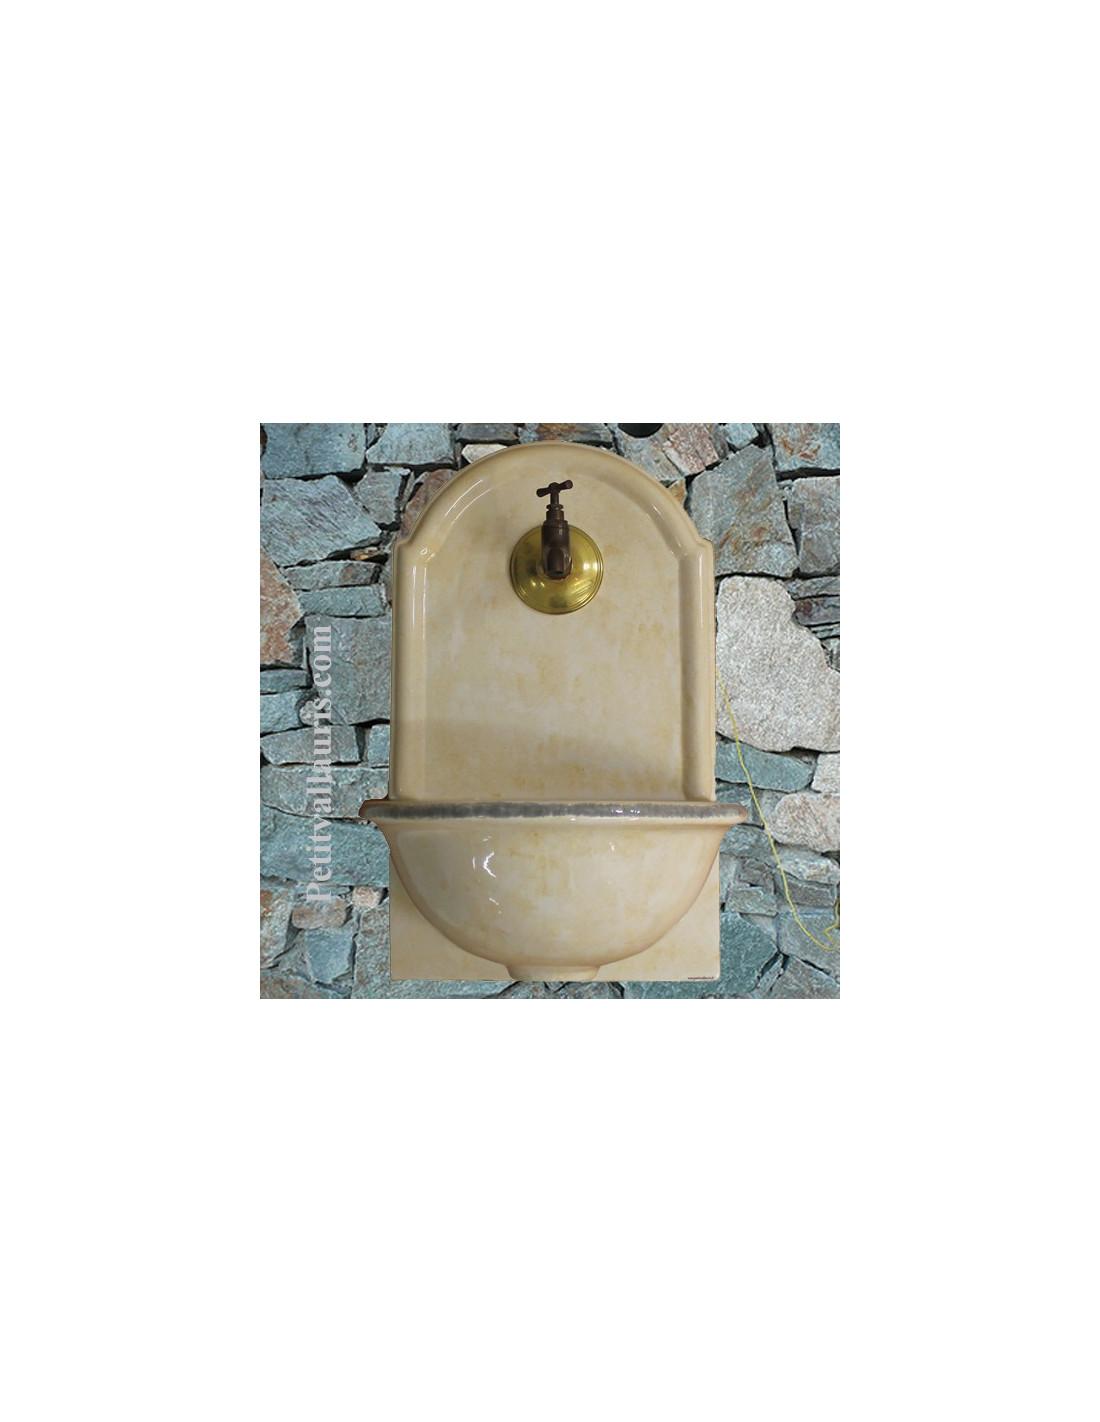 fontaine murale en fa ence teinte couleur paille bord gris le petit vallauris. Black Bedroom Furniture Sets. Home Design Ideas